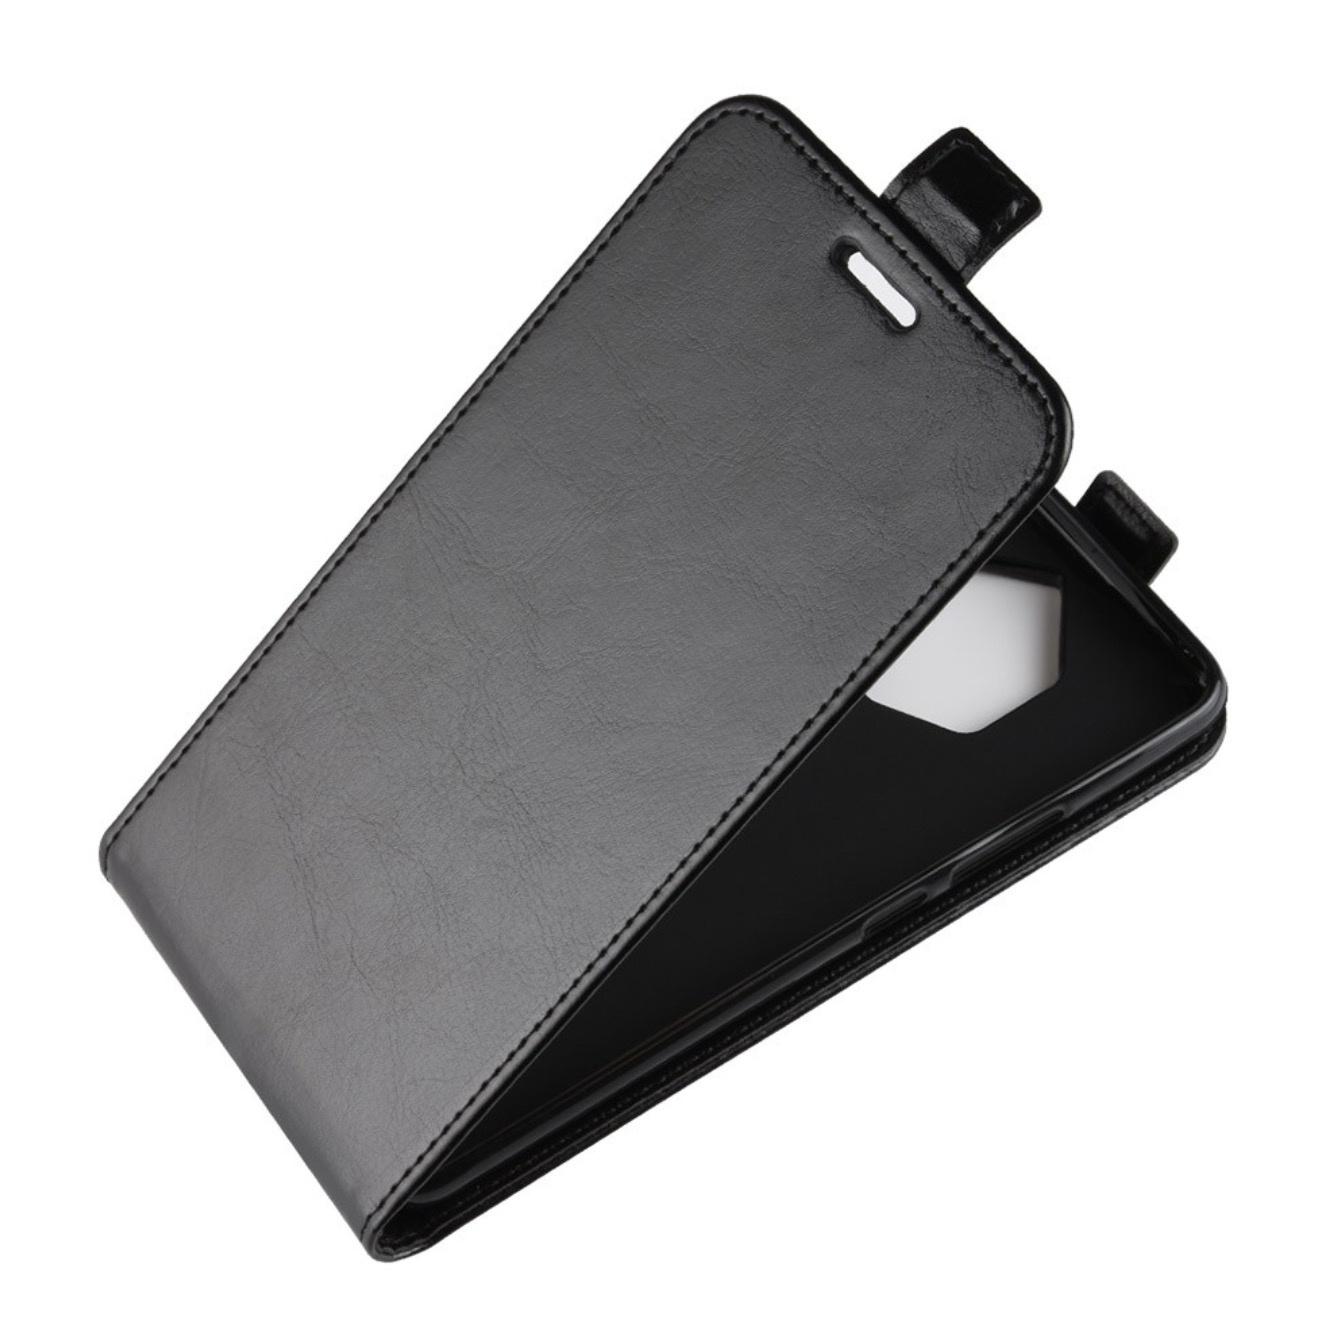 Чехол-флип MyPads для HTC Bolt/HTC Desire 10/ Desire 10 Lifestylle вертикальный откидной черный htc desire d10w 10 pro cмартфон